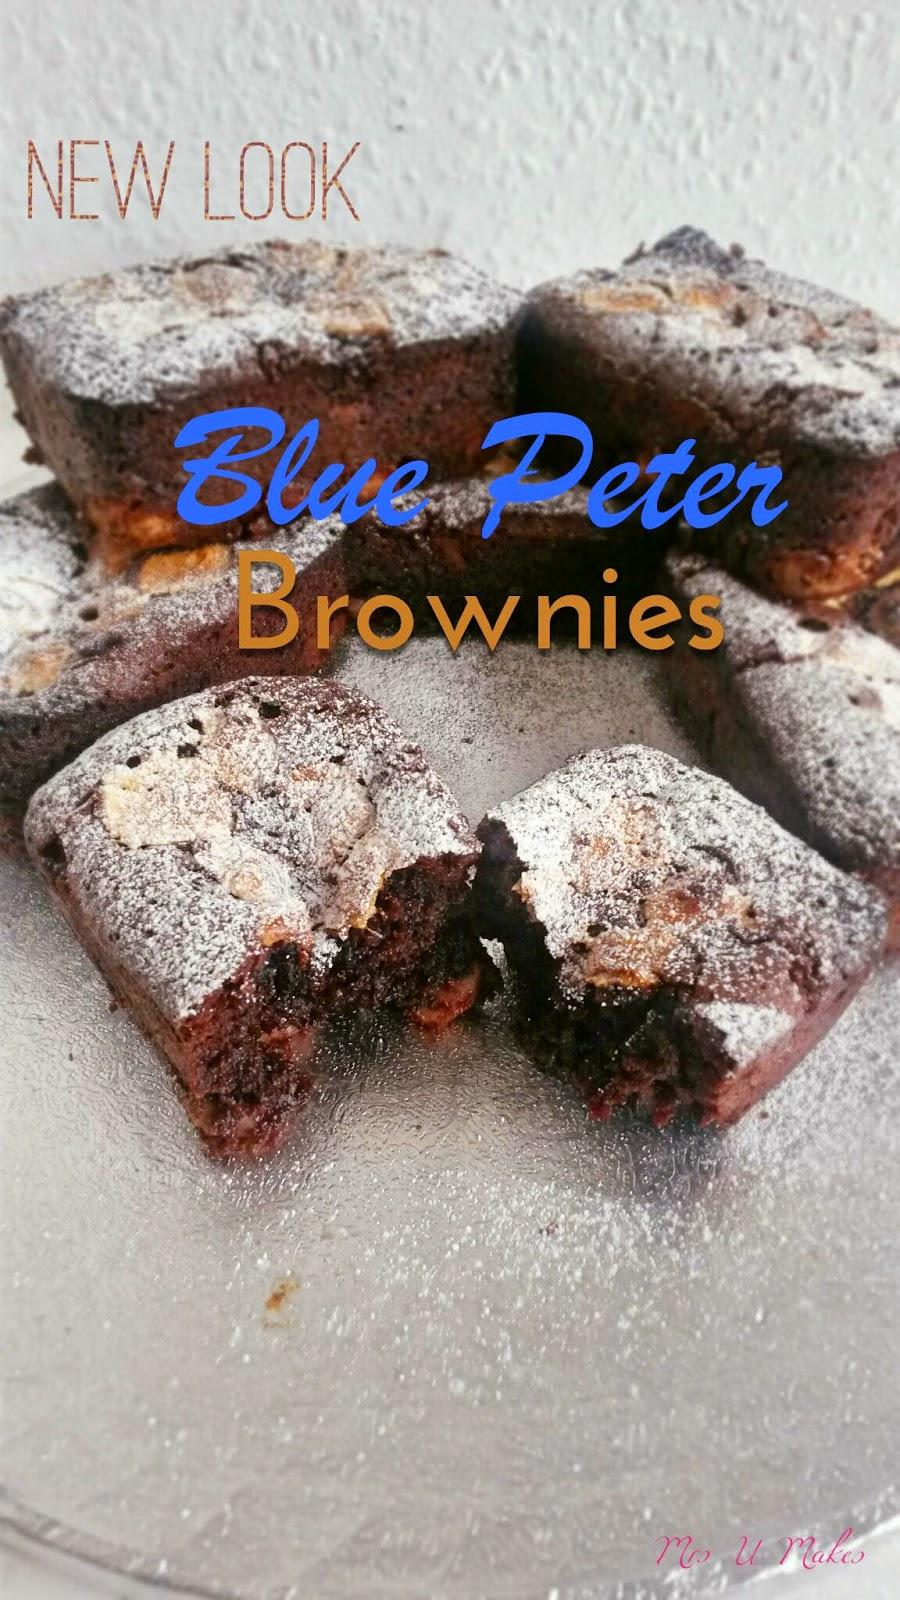 Blue Peter Brownies by Mrs U Makes